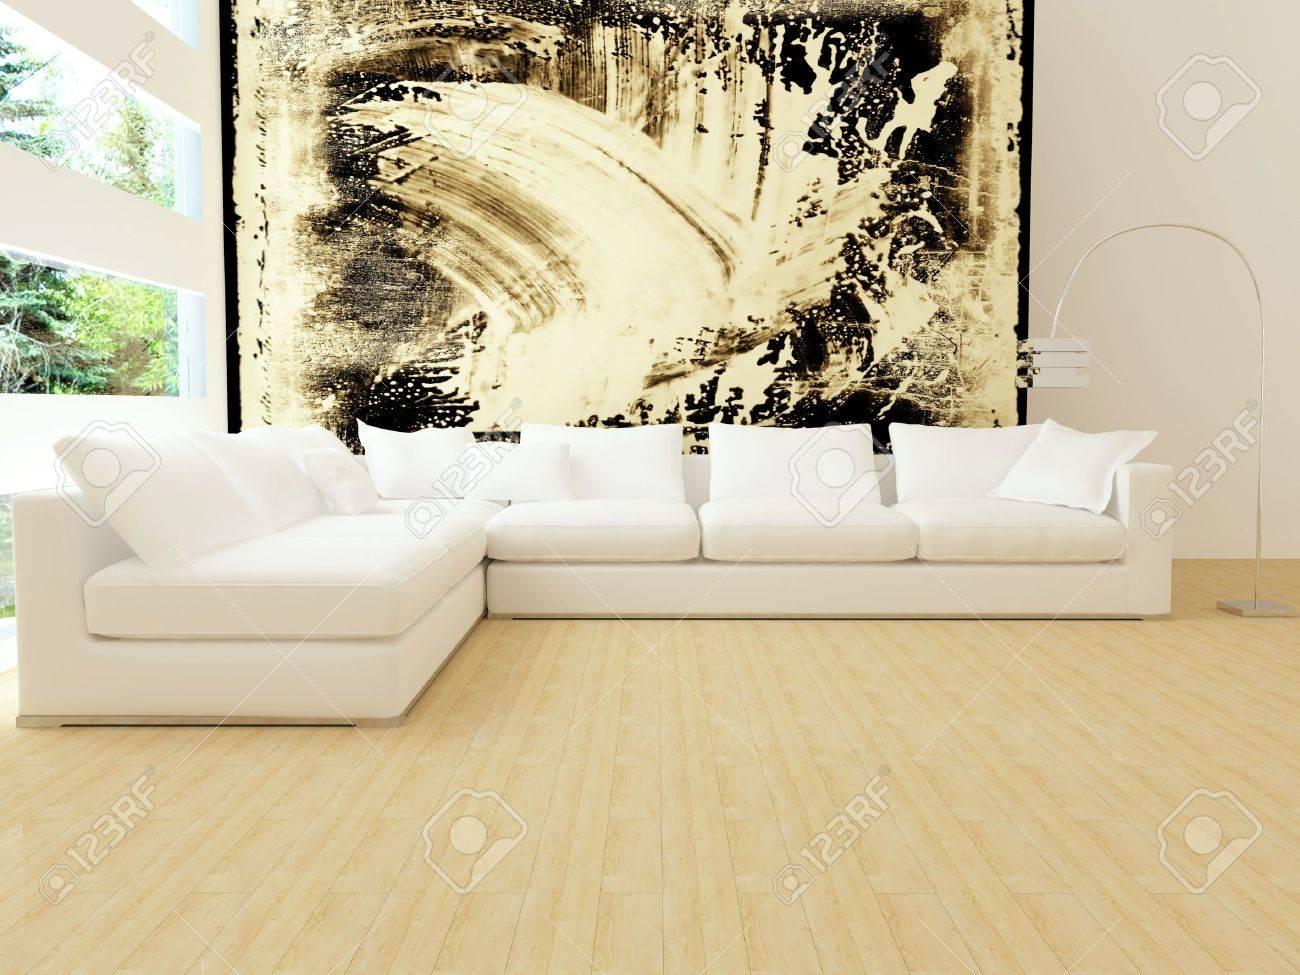 Inredning av moderna vita vardagsrum med stora vita soffa, stor ...